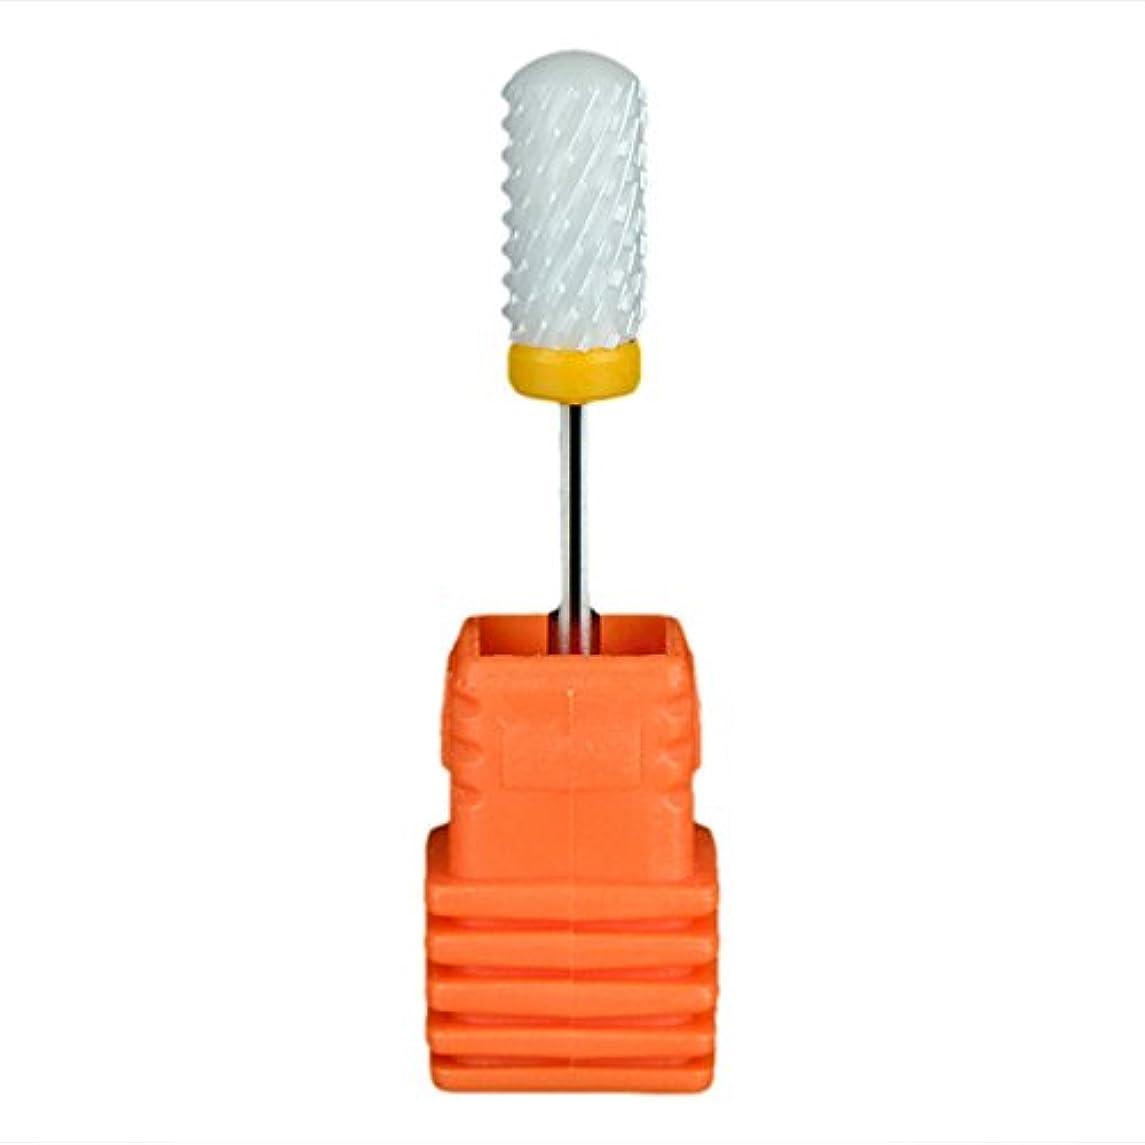 読書上へ鼻Semoic ネイルセラミックドリルビット 回転ジェルネイルサロンツール 3/32インチのマニキュア ホワイト+オレンジ色